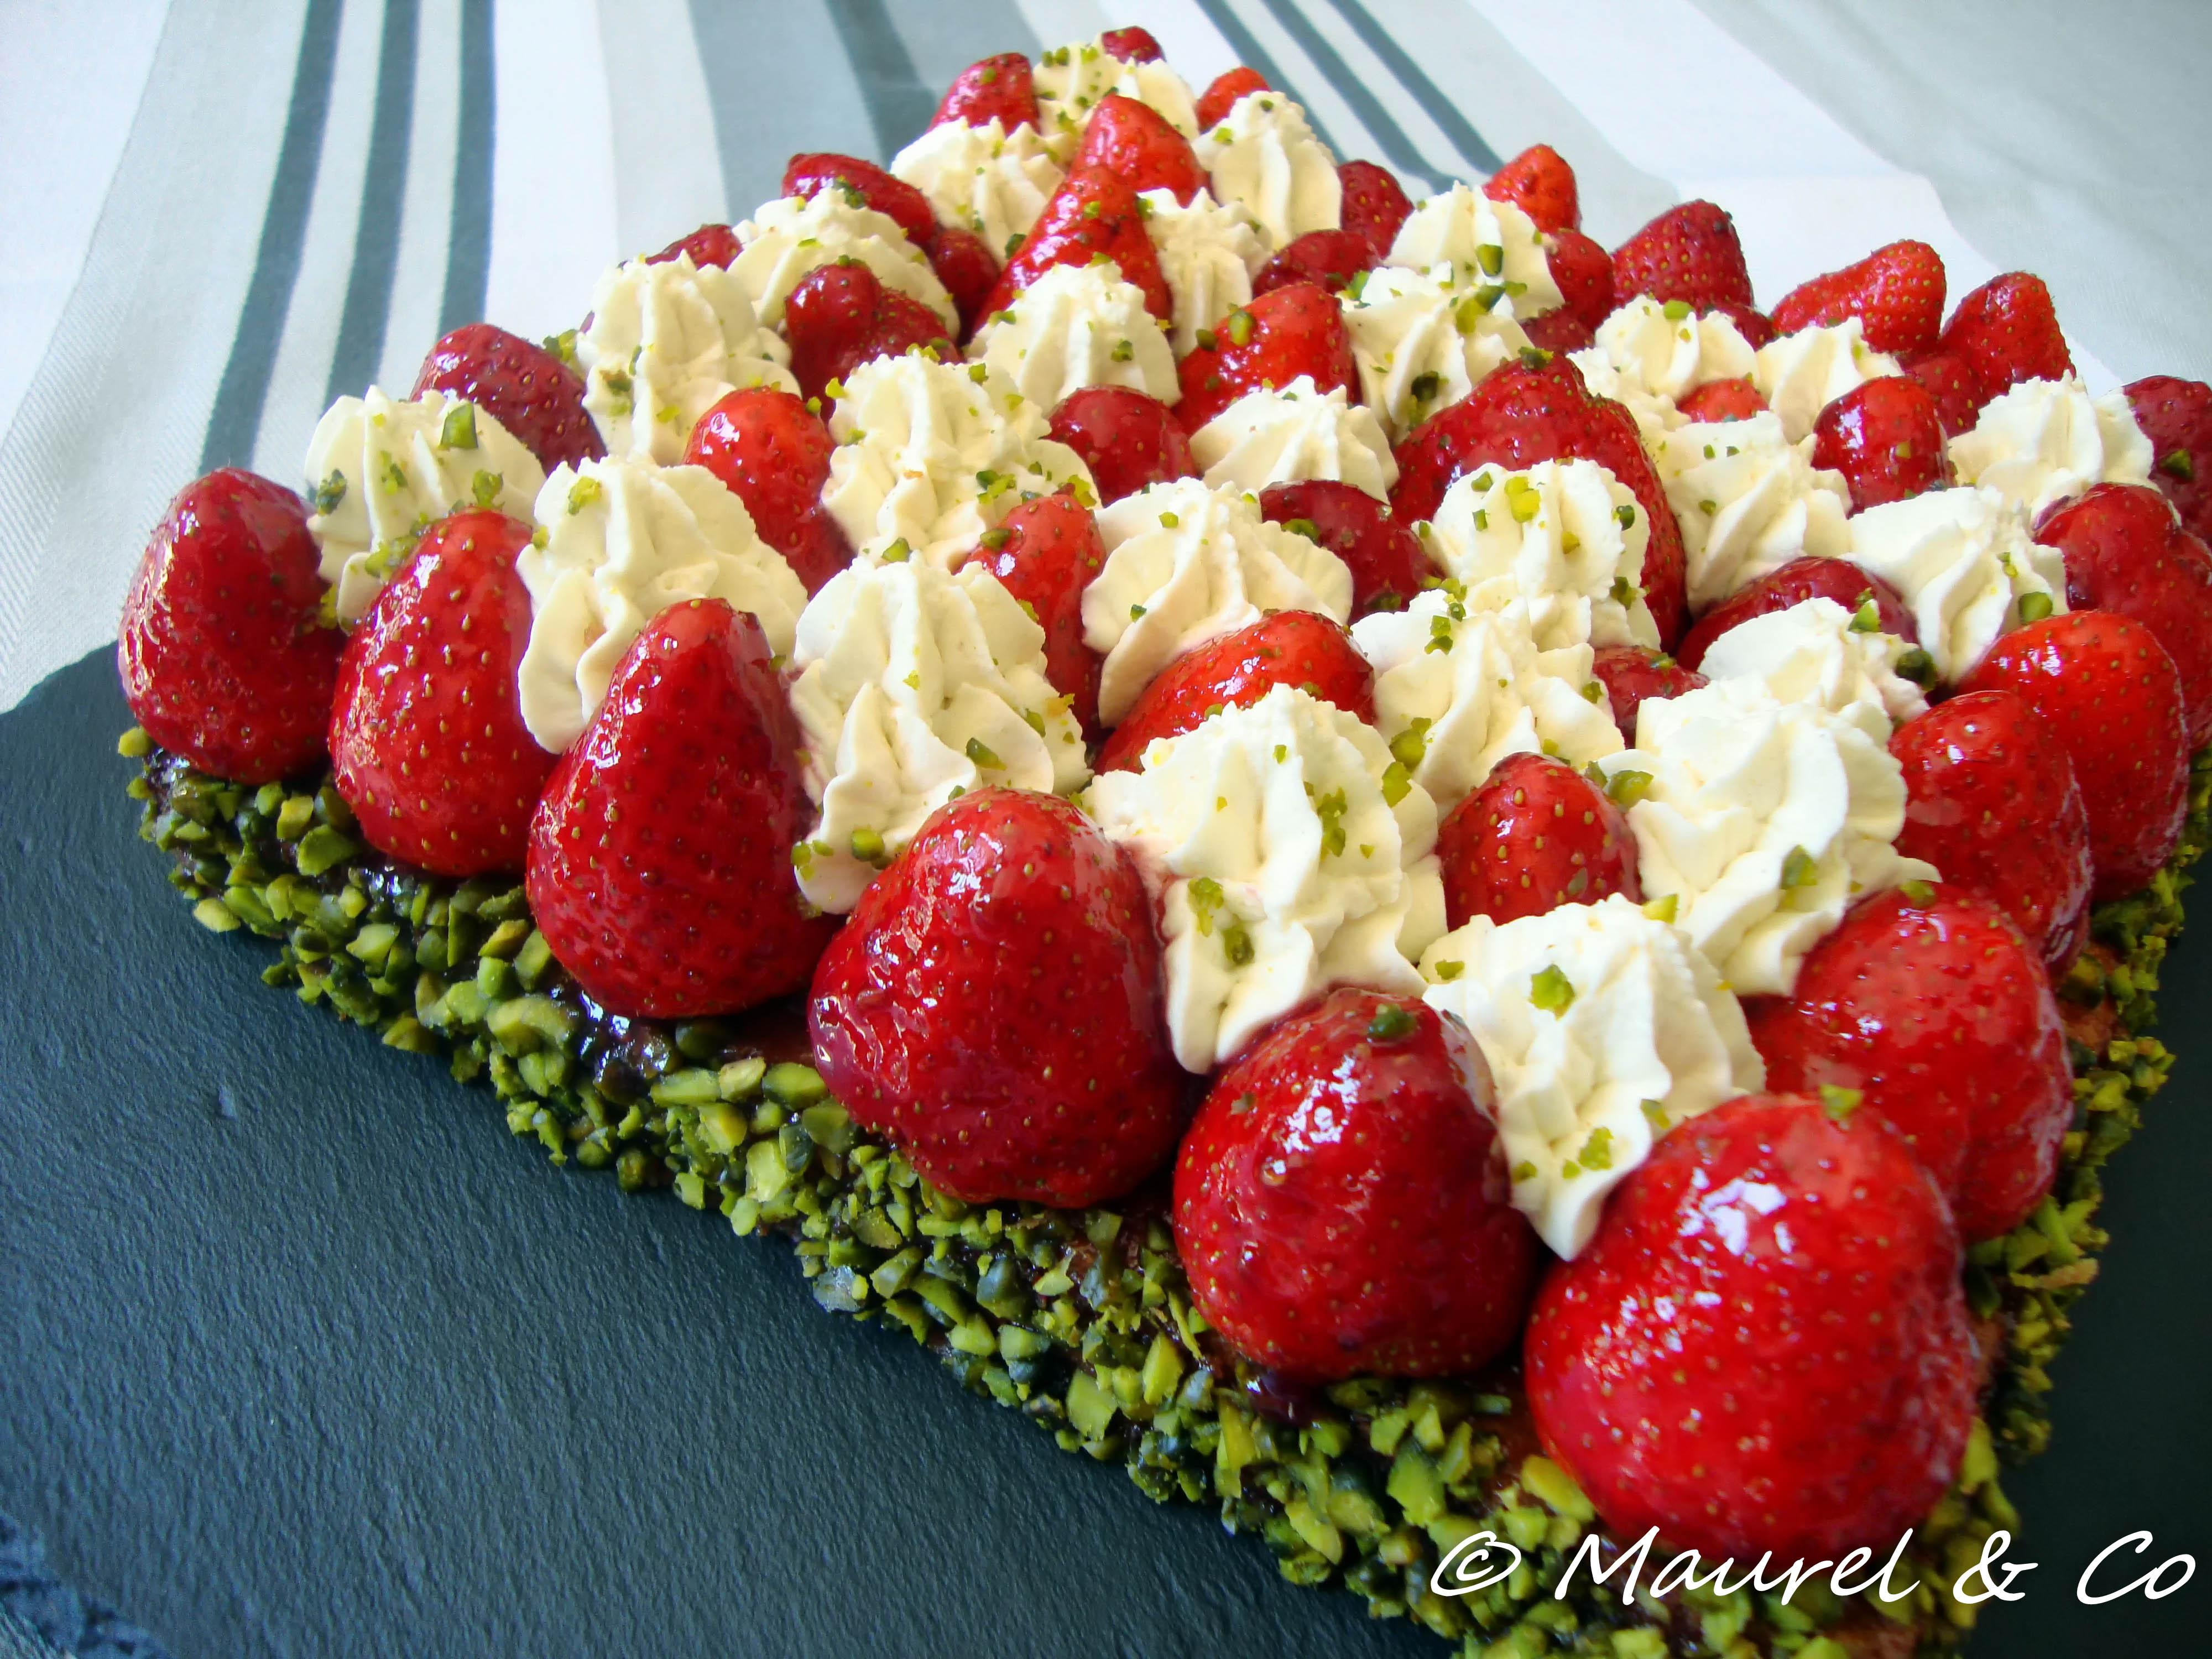 Tarte la fraise cr me pistache de christophe michalak gourmand croquant by mary co - Decoration tarte aux fraises ...